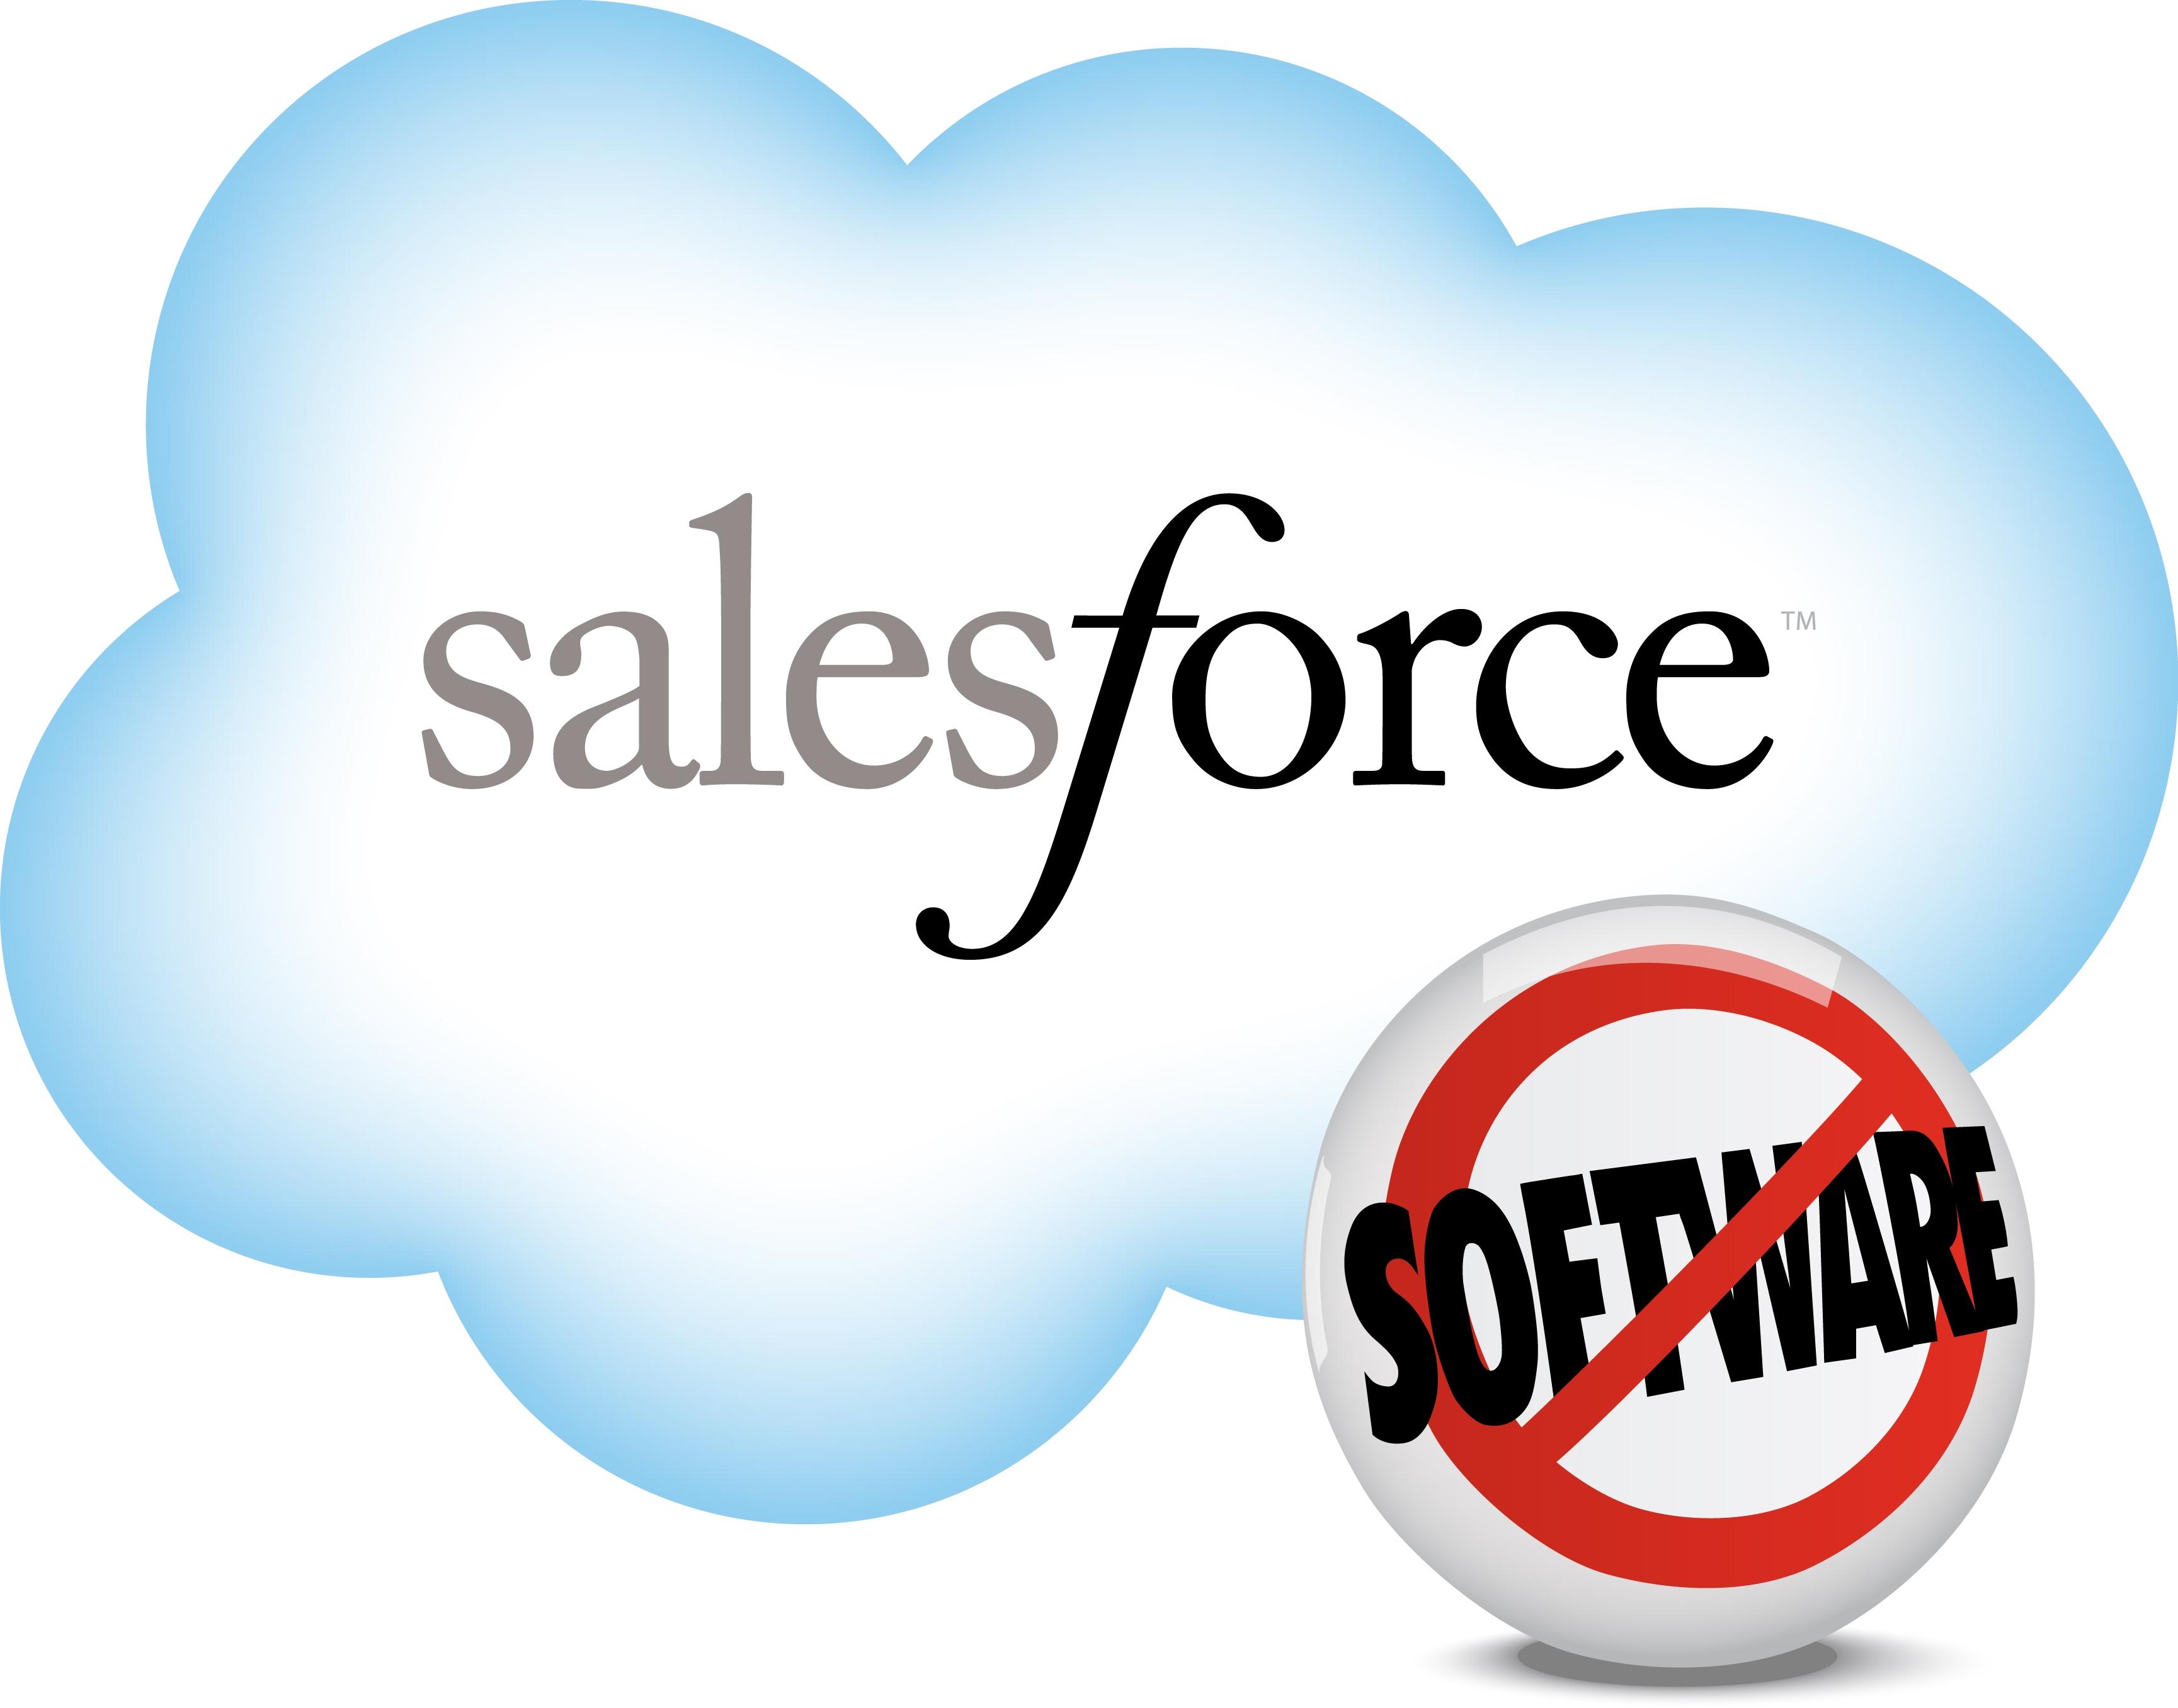 Salesforce Vector PNG - 112809